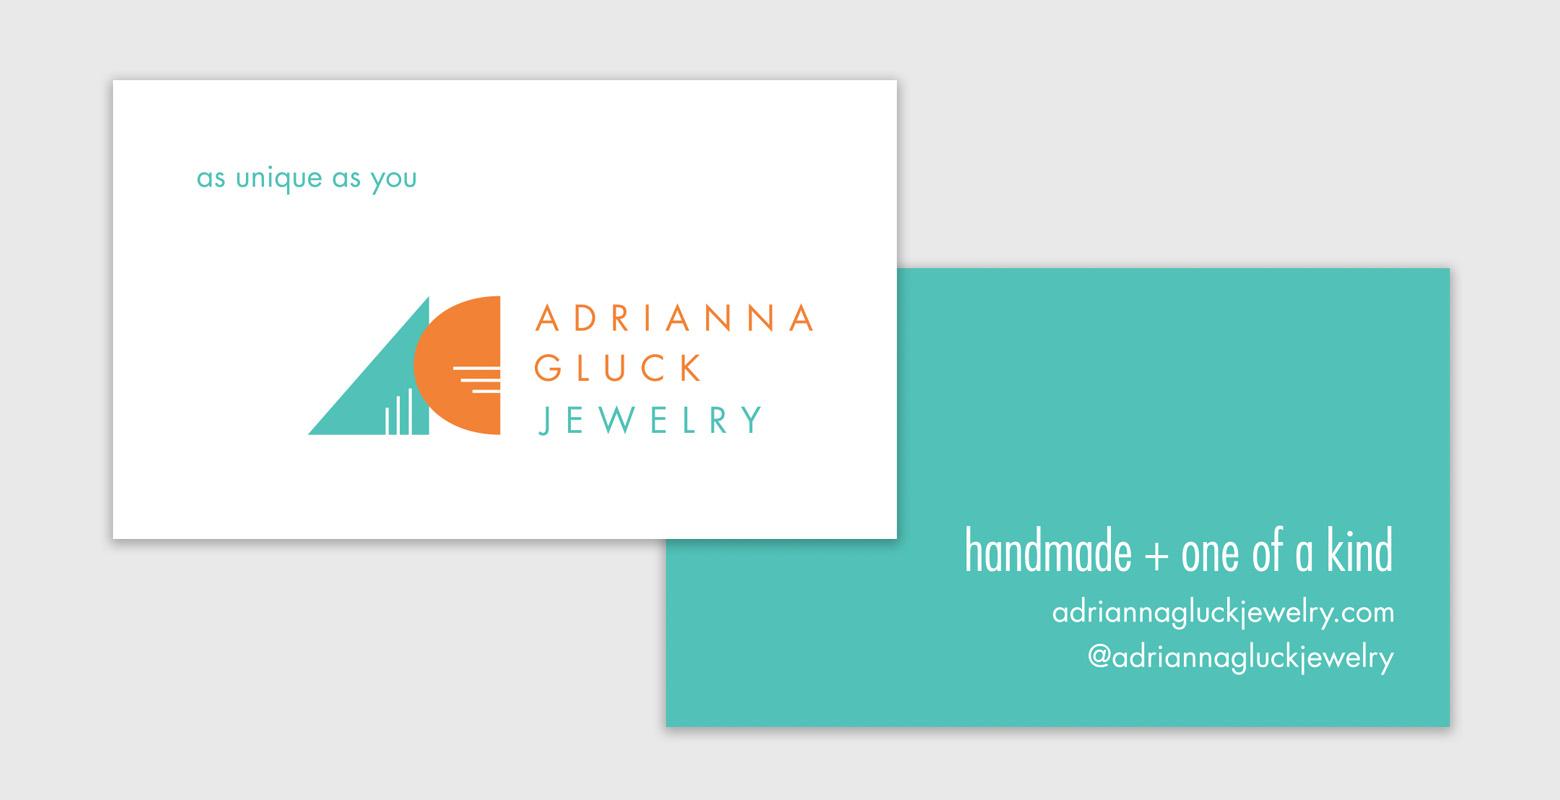 Adrianna Gluck Jewelry